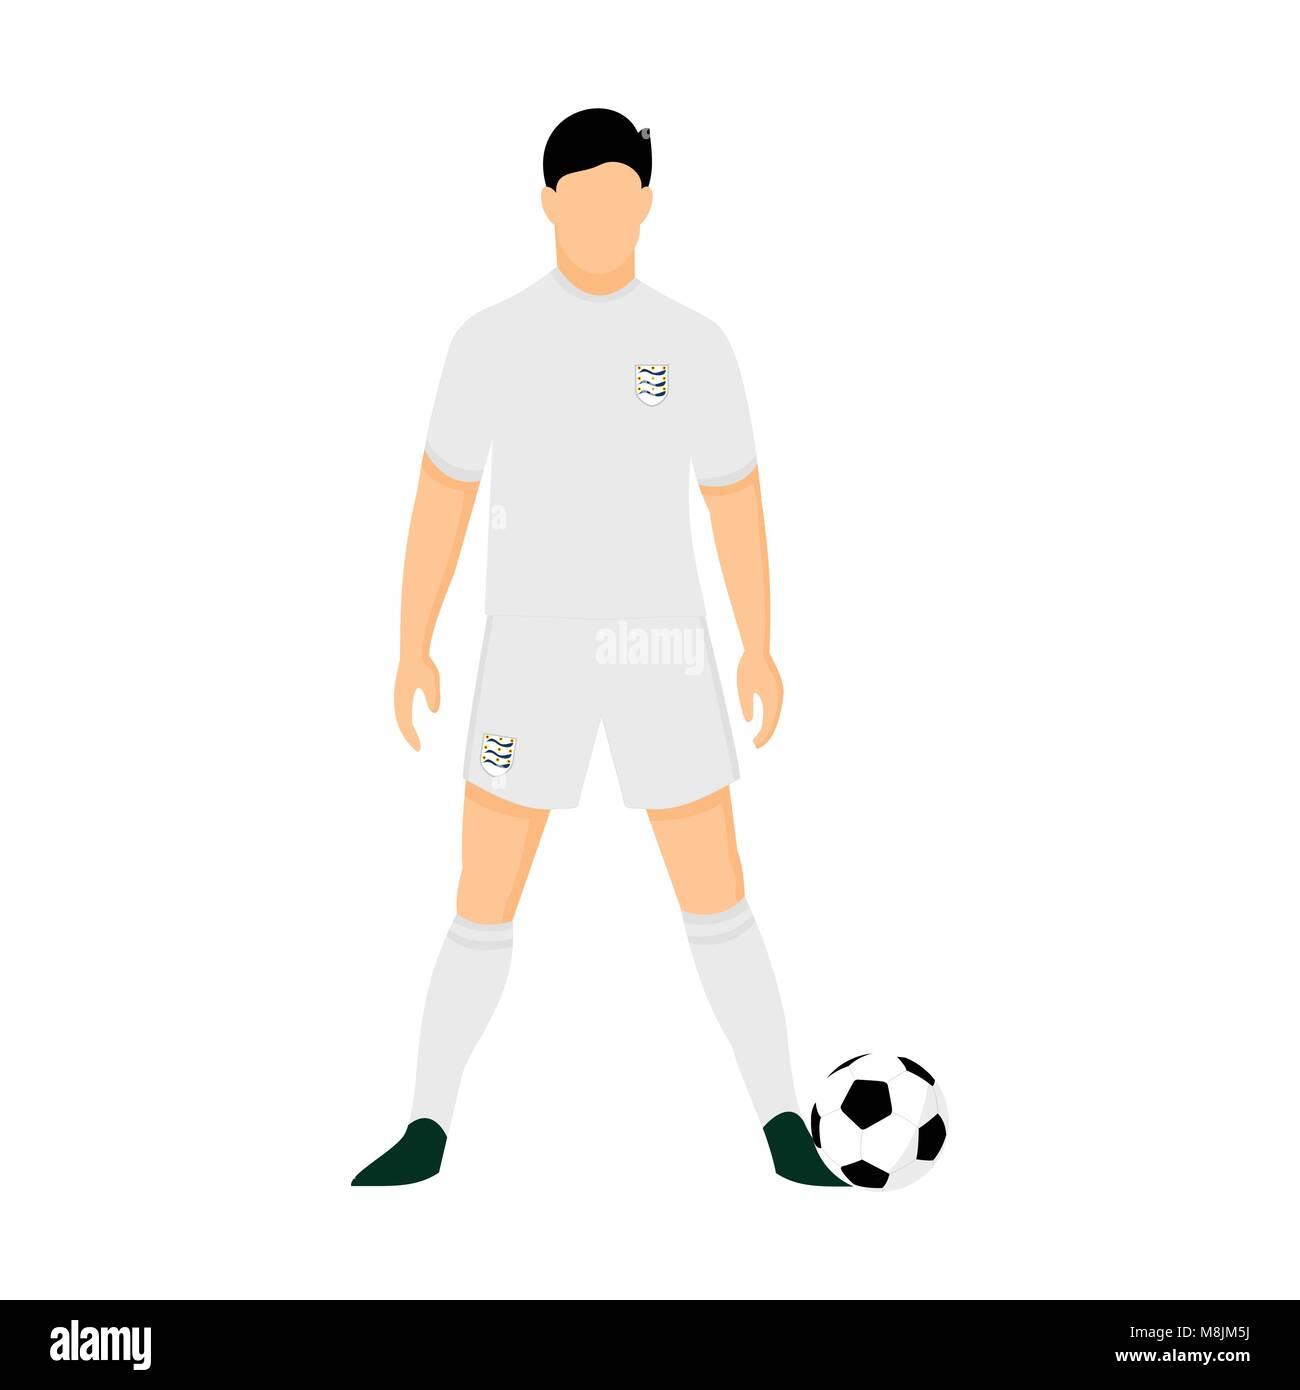 England Fussball Trikot Nationalmannschaft Wm Vector